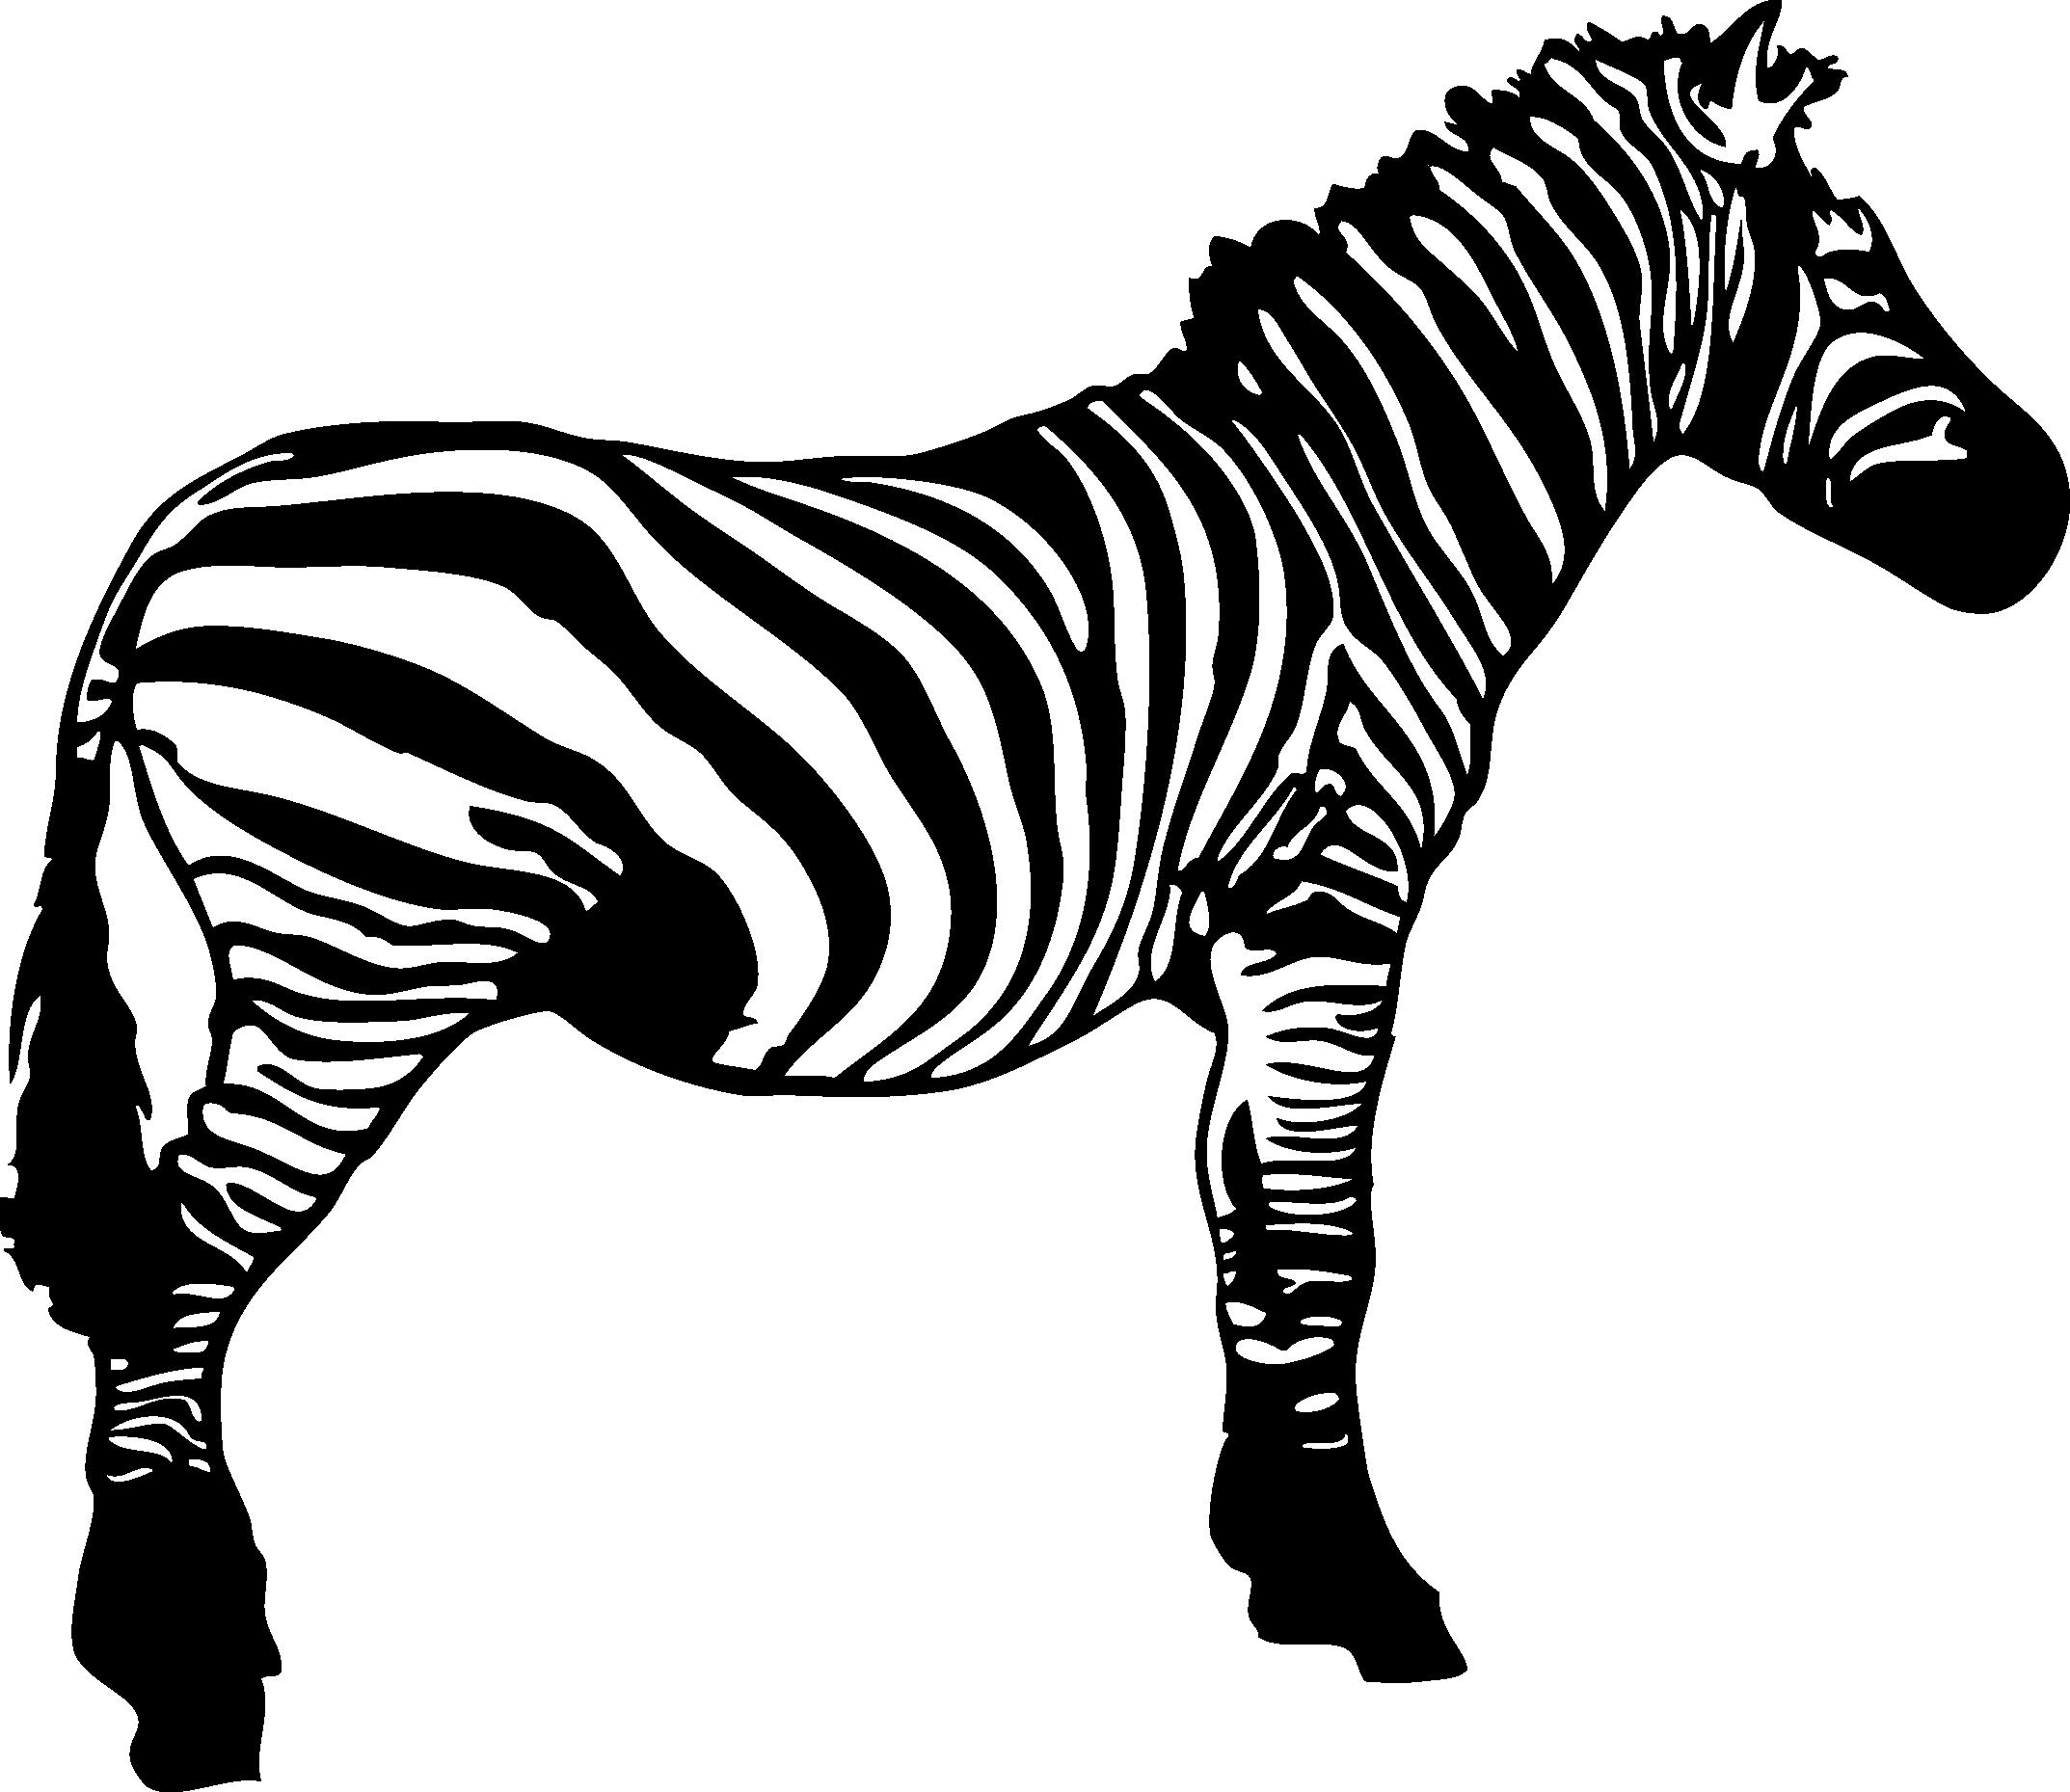 Zebra black and white clipart 1 » Clipart Station.